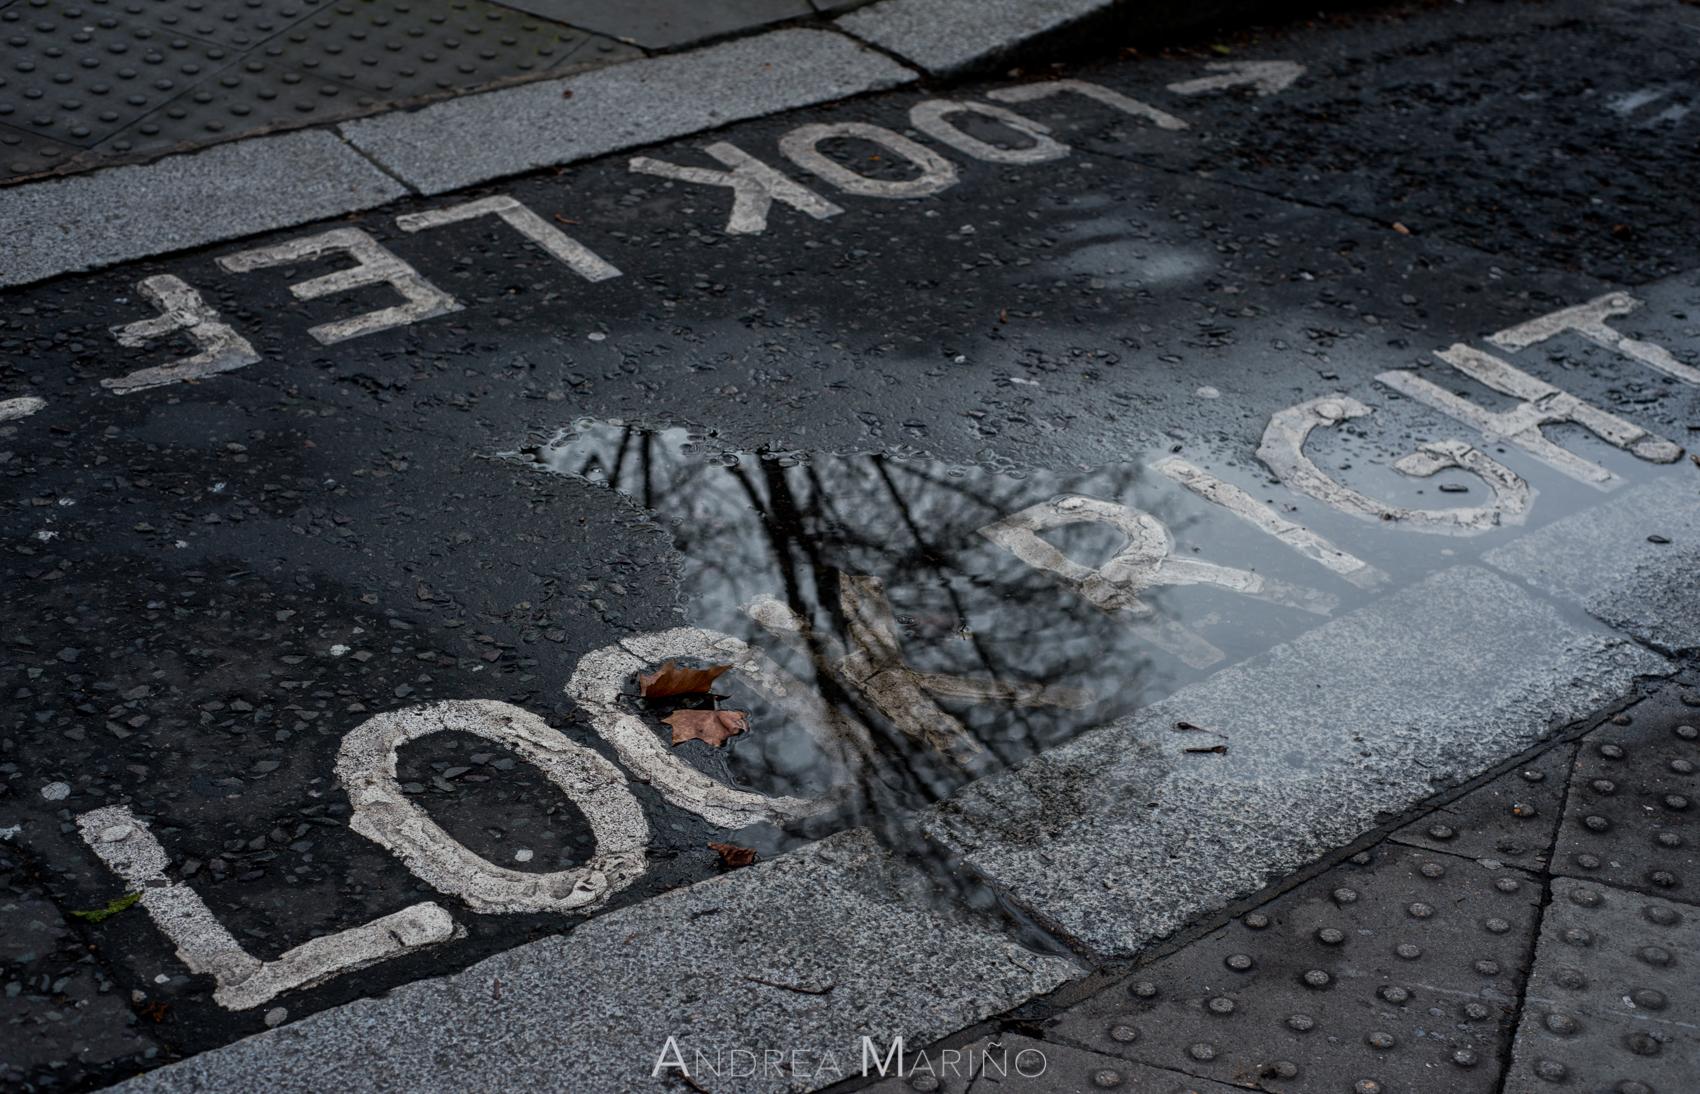 Andrea Mariño. Londres vidas cruzadas. 2016